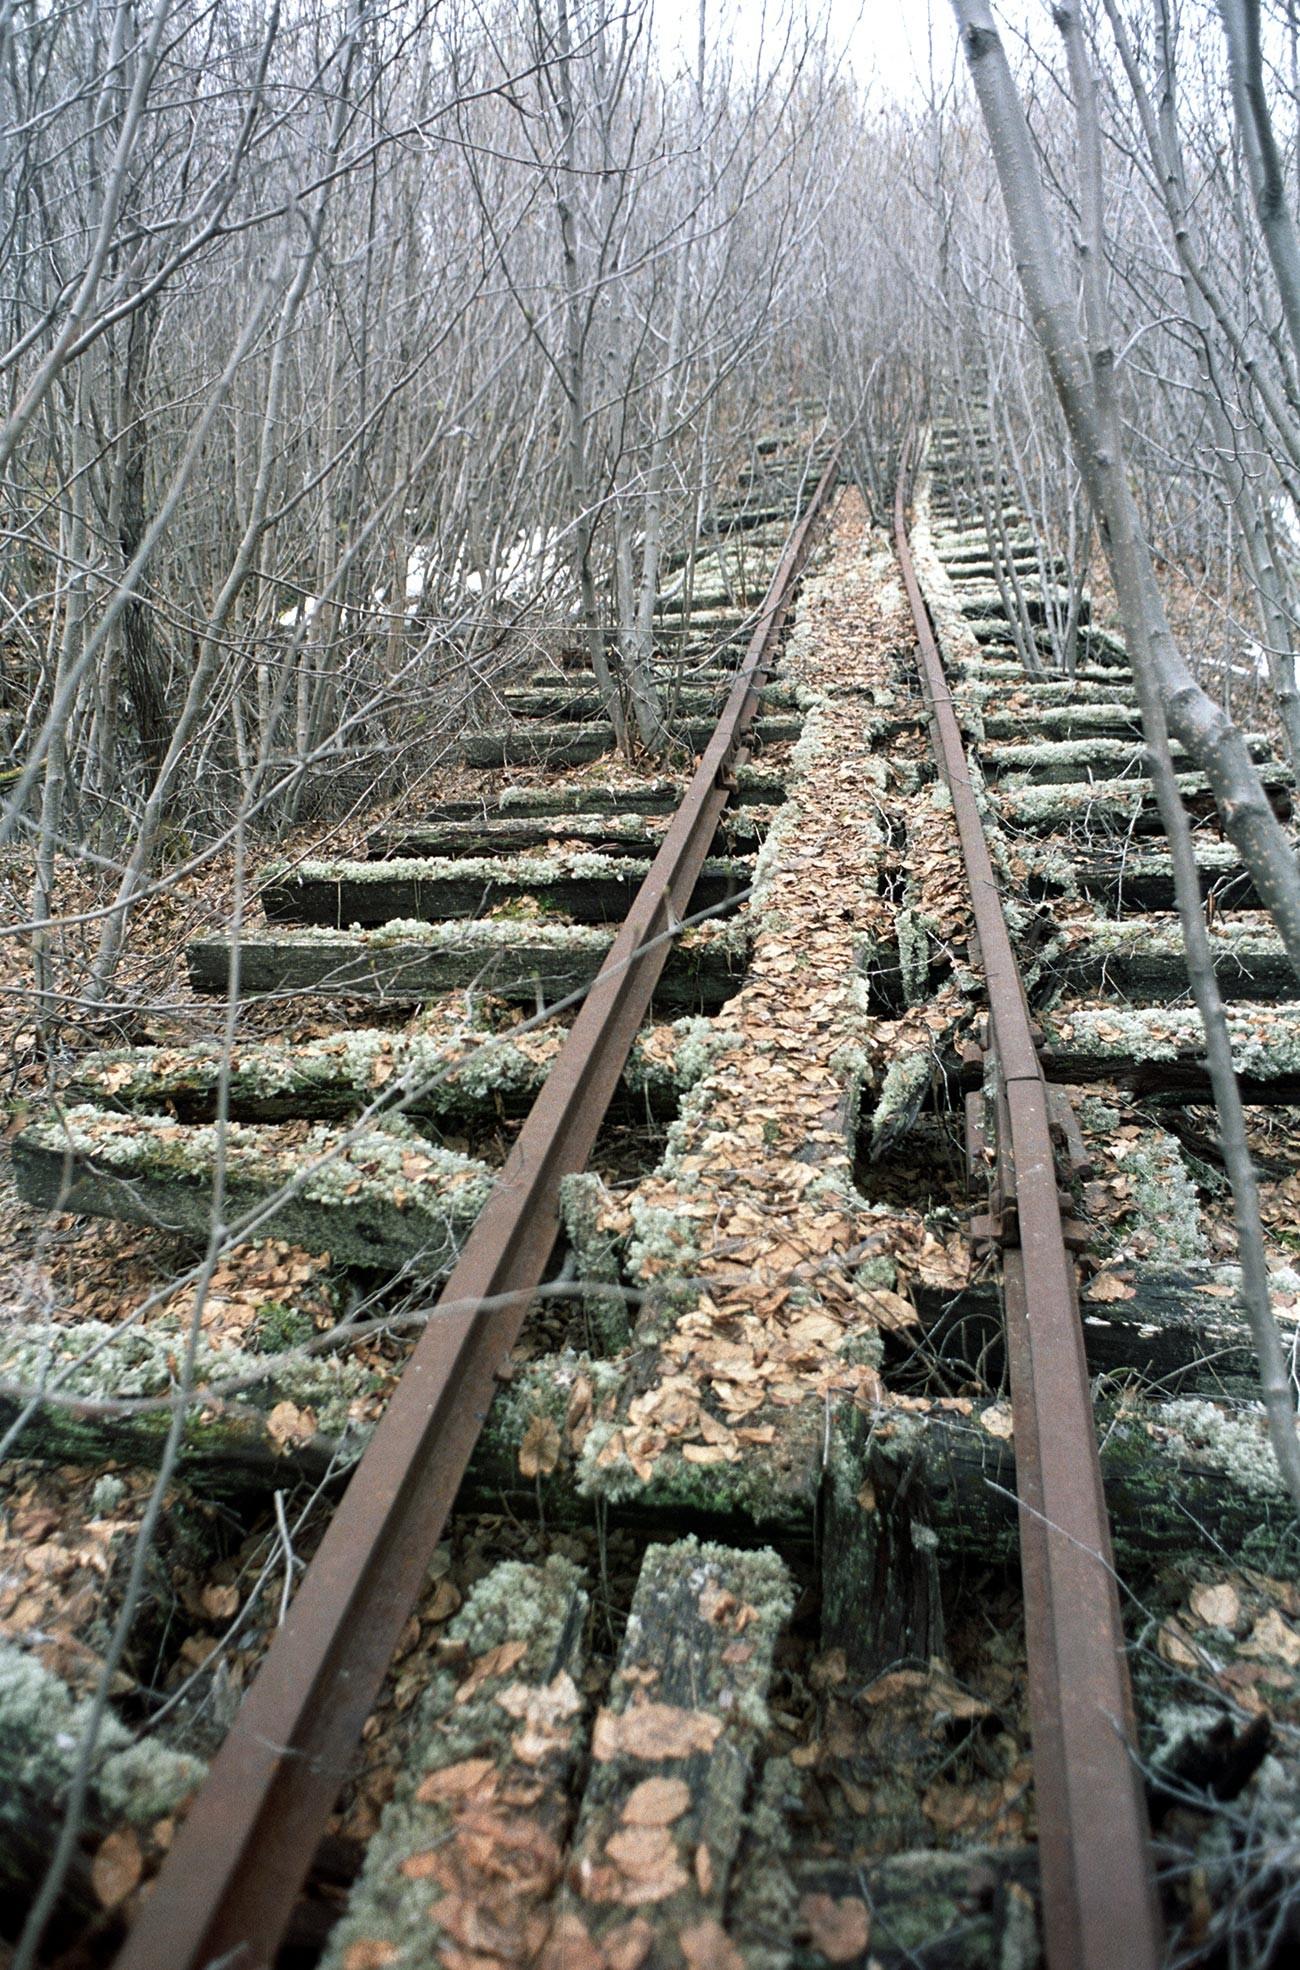 Совјетско руководство је 1949. године донело одлуку о изградњи поларне пруге од Игарке до Салехарда укупне дужине 1.263 км.